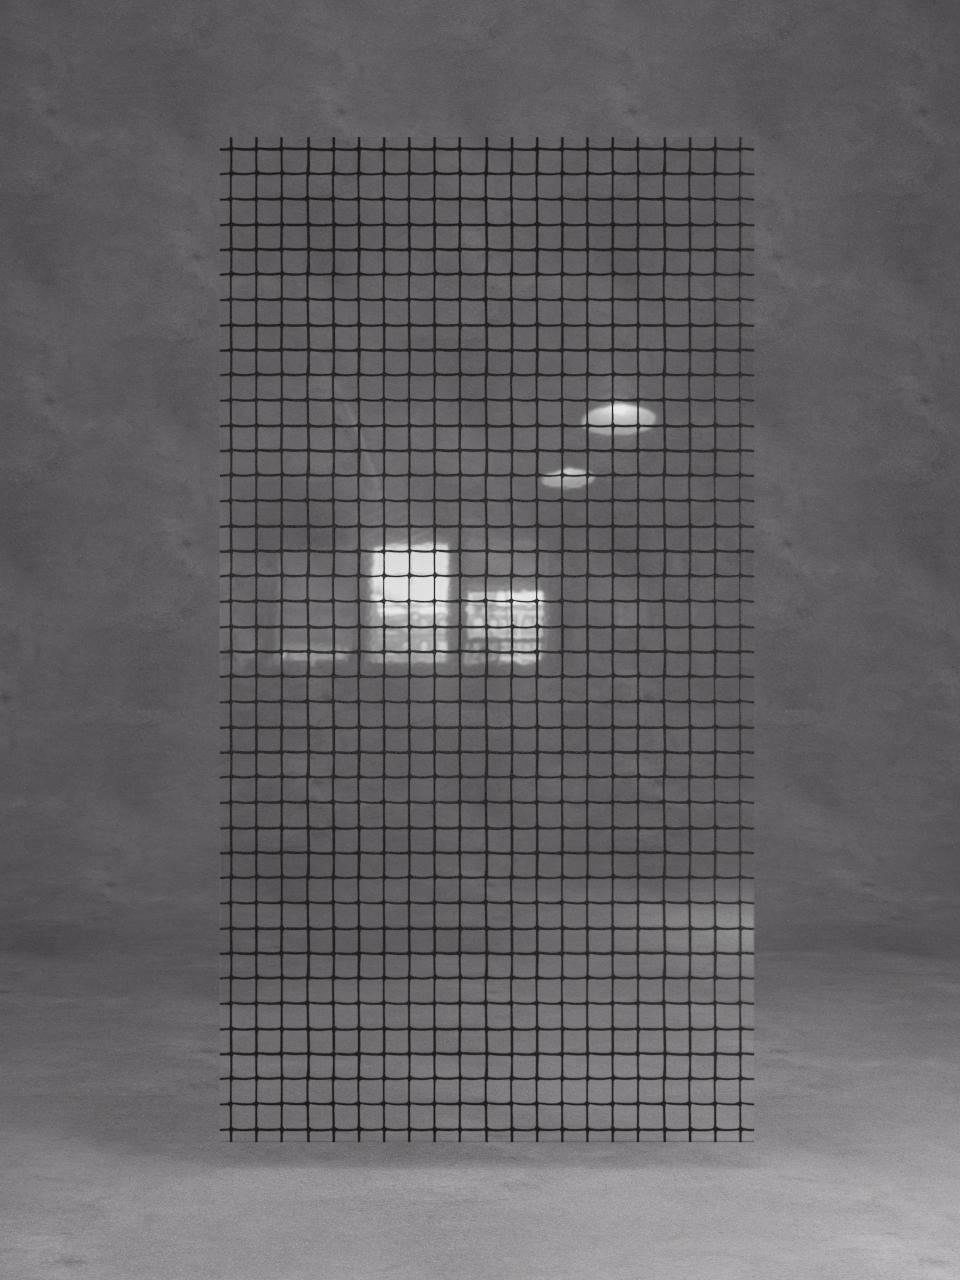 витраж лофт черный на прозрачном